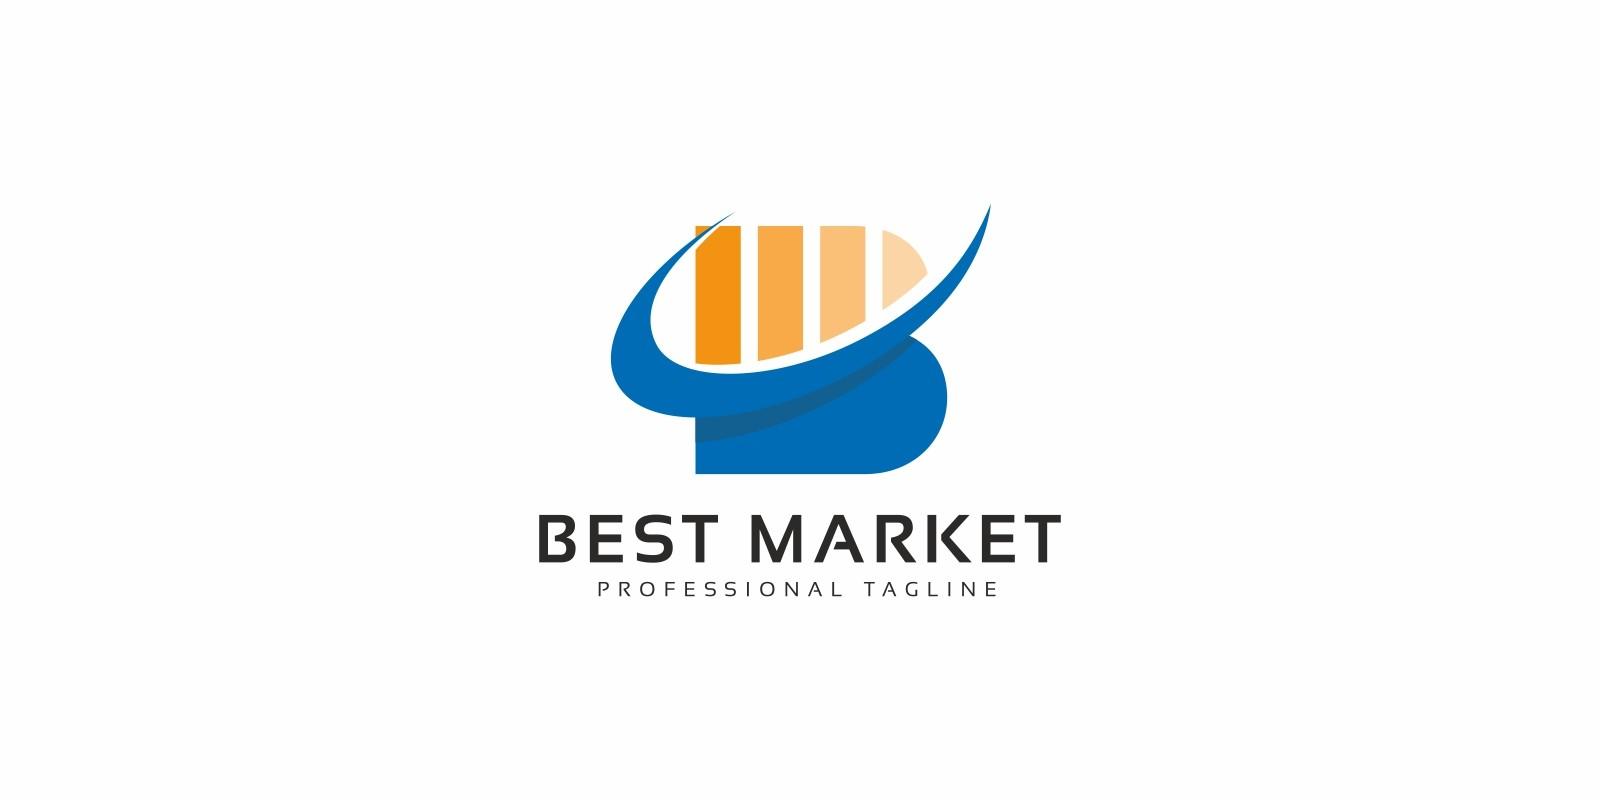 Best Market B Letter Logo